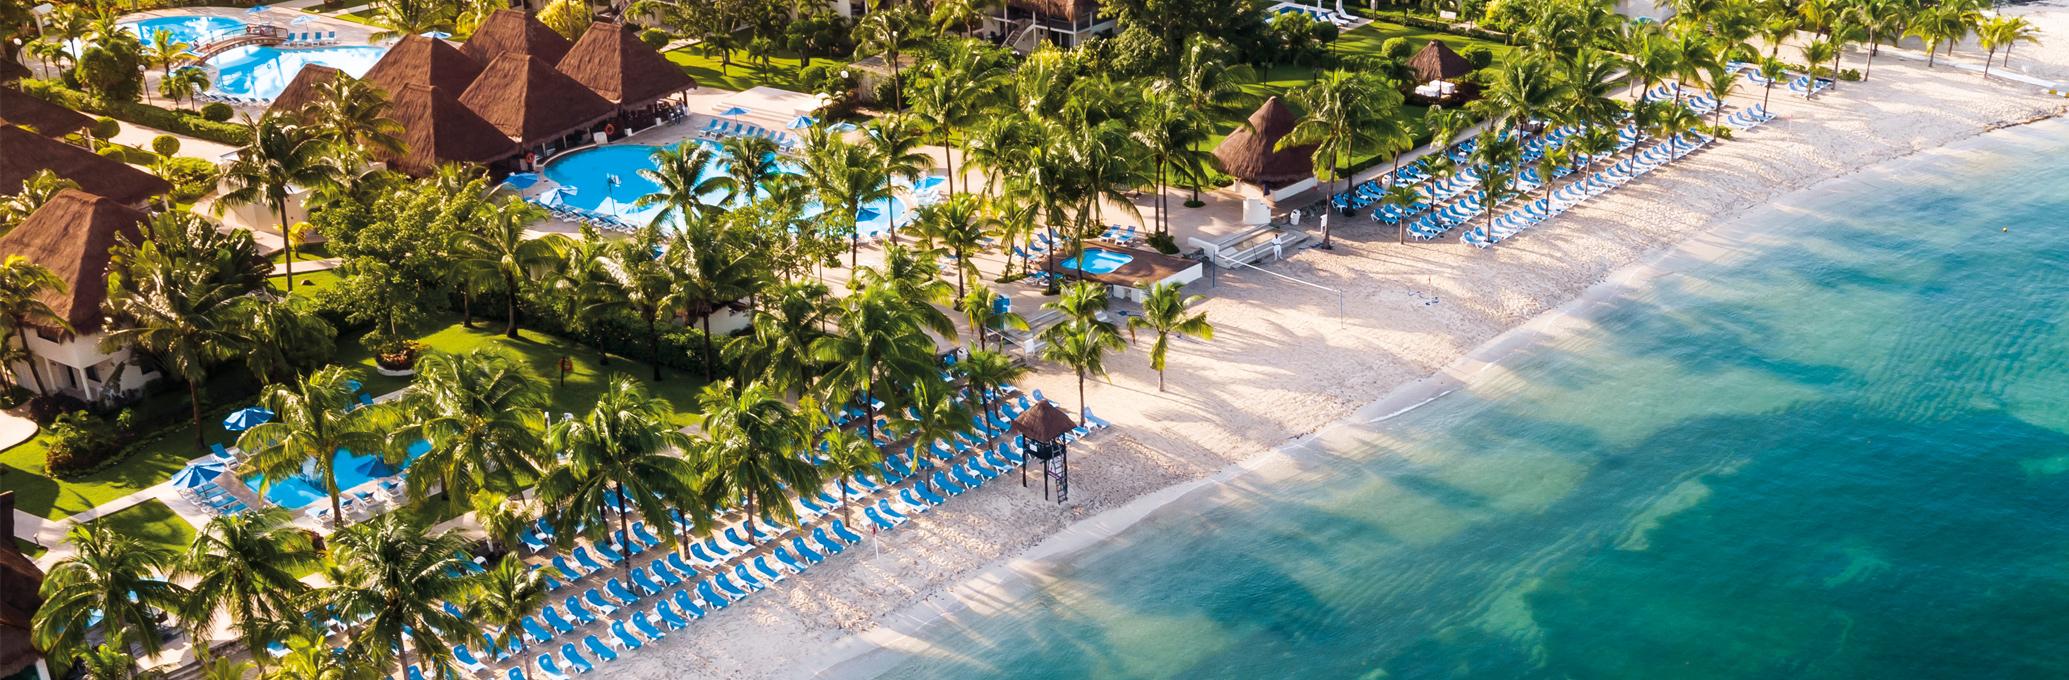 Best Cozumel hotels: Allegro Cozumel